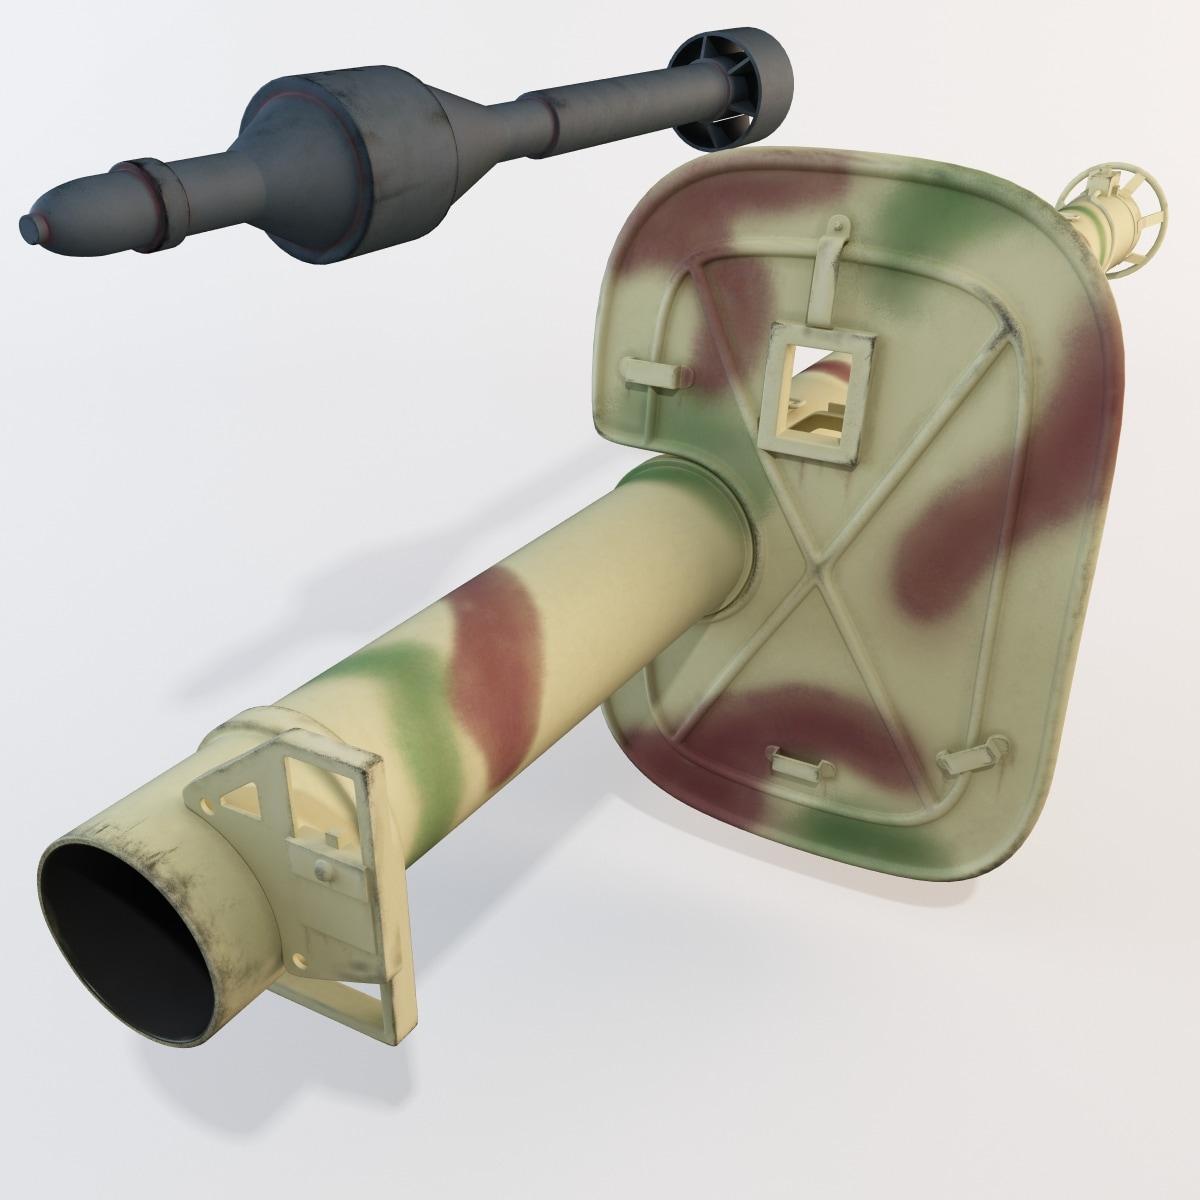 الأسلحة المضادة للـدبابات في الحرب العالـمية الثانية WWII_German_Anti_Tank_Rocket_Launcher_Panzerschreck_54_Set_003.jpge0885ba0-bb81-450b-9e3a-712f8e901817Original